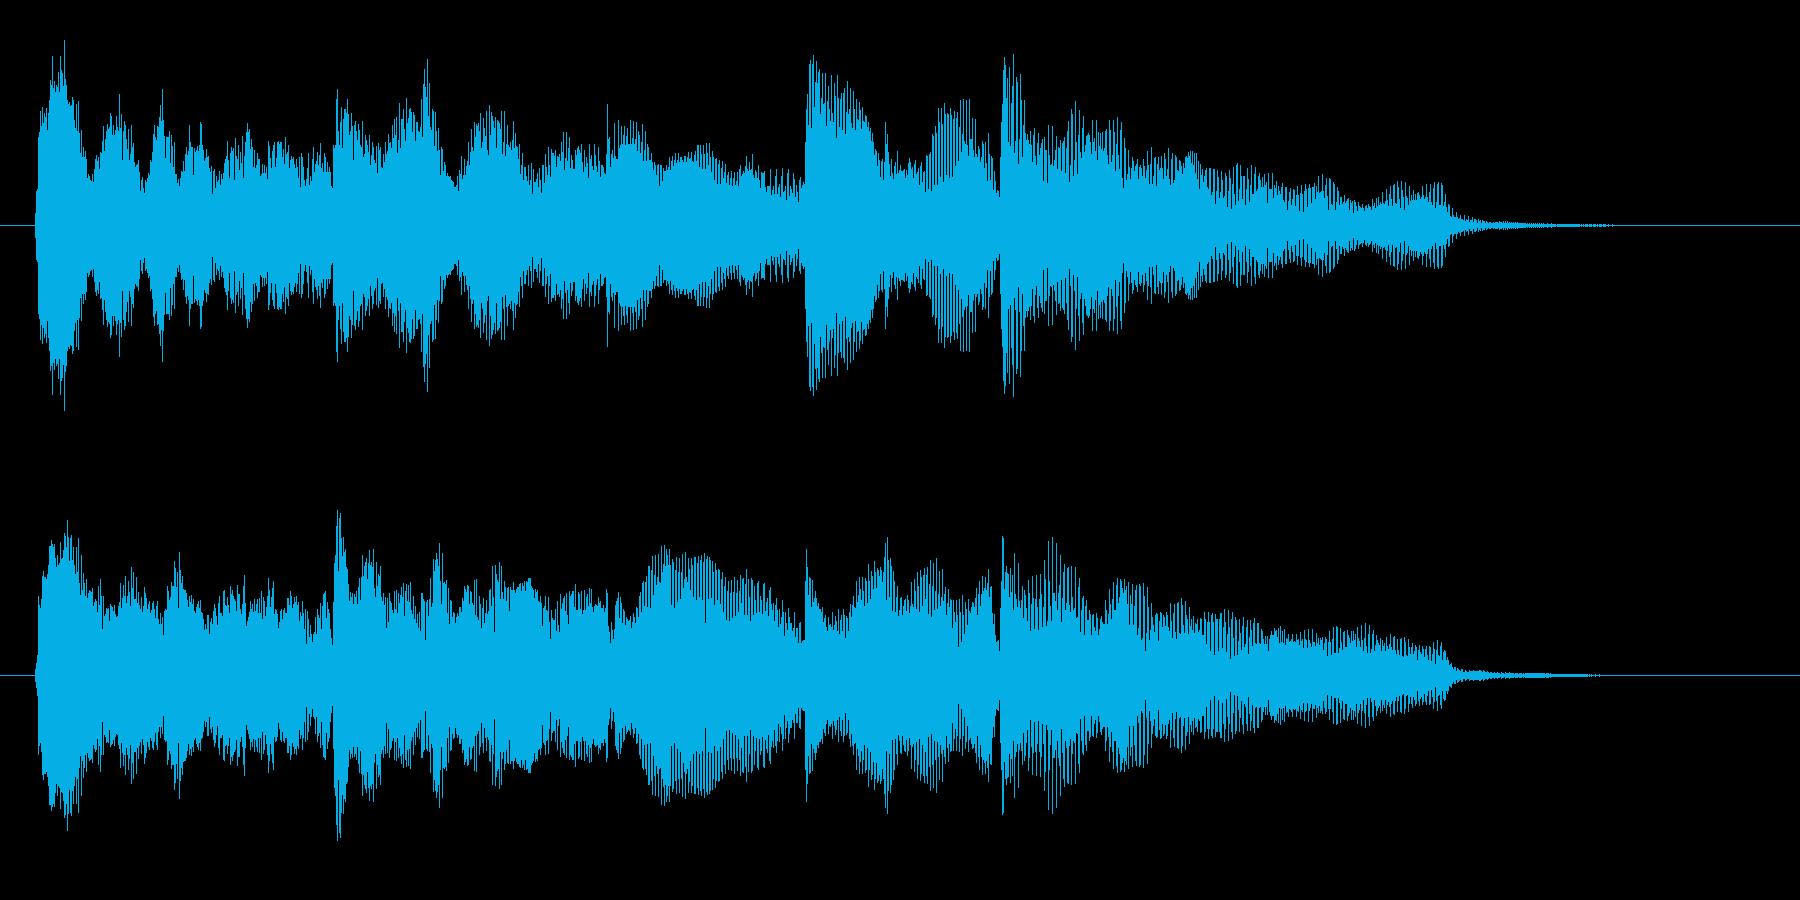 ゲームオーバーのジングル、グロッケン音の再生済みの波形